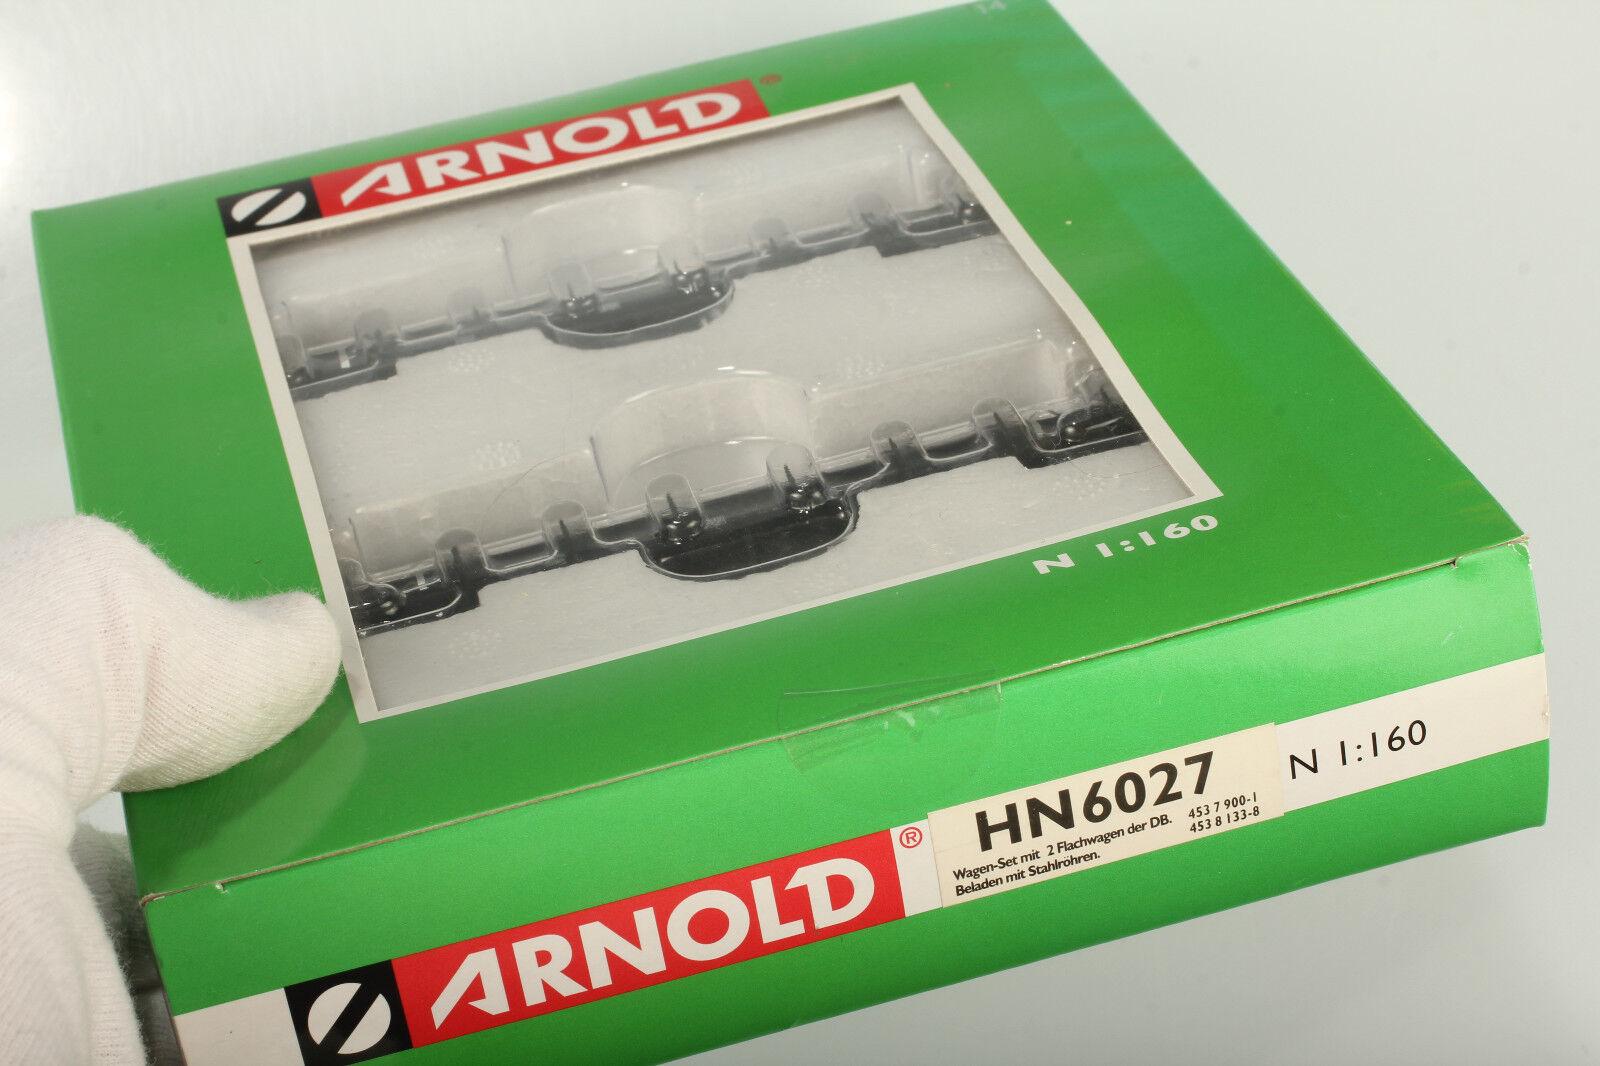 Arnold N HN HN HN 6027 2 DB Flachwagen mit Mannesmann Röhren - Top Zustand OVP Mängel 2ca325